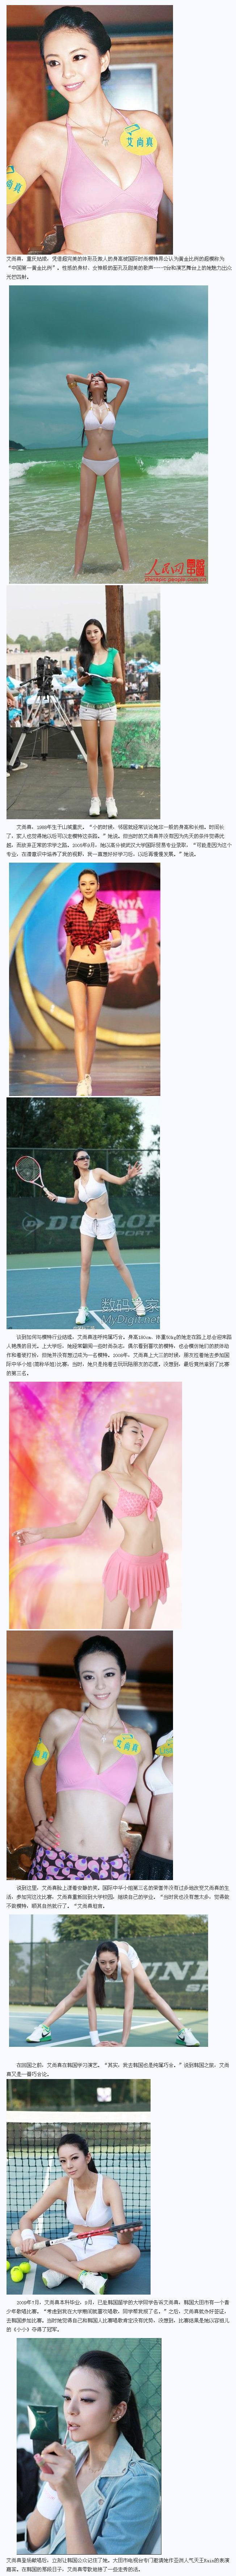 中国女性比例身体图片,女性身体黄金比例